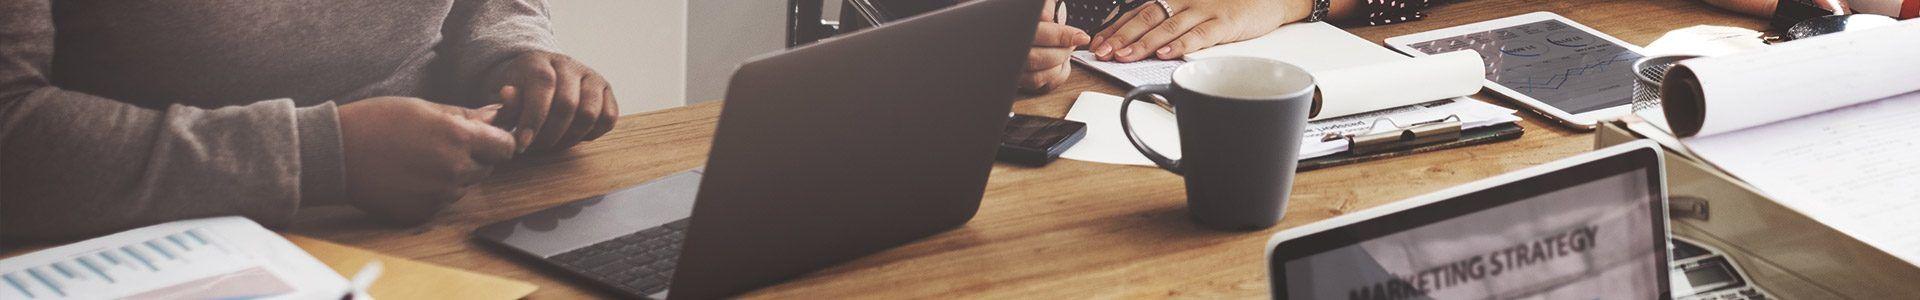 10 voordelen van online adverteren in kaart en nadelen en oplossingen